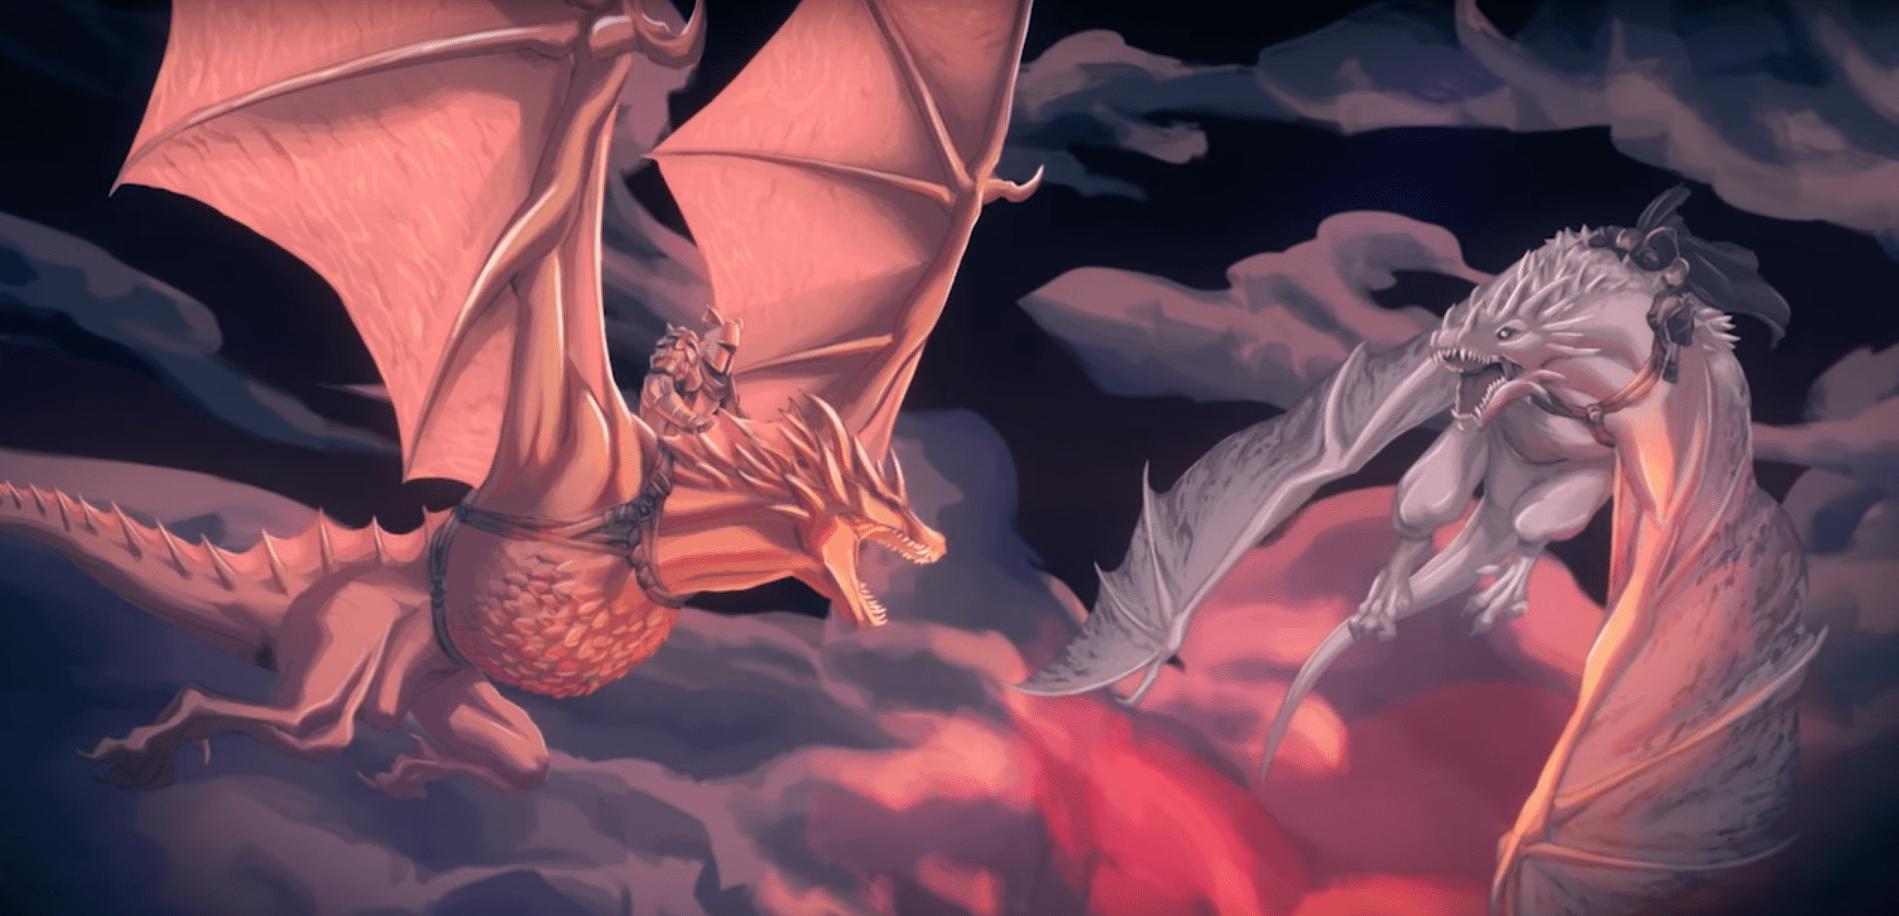 Скучаете по «Игре престолов»? Посмотрите этот ролик про драконов с BD-диска!